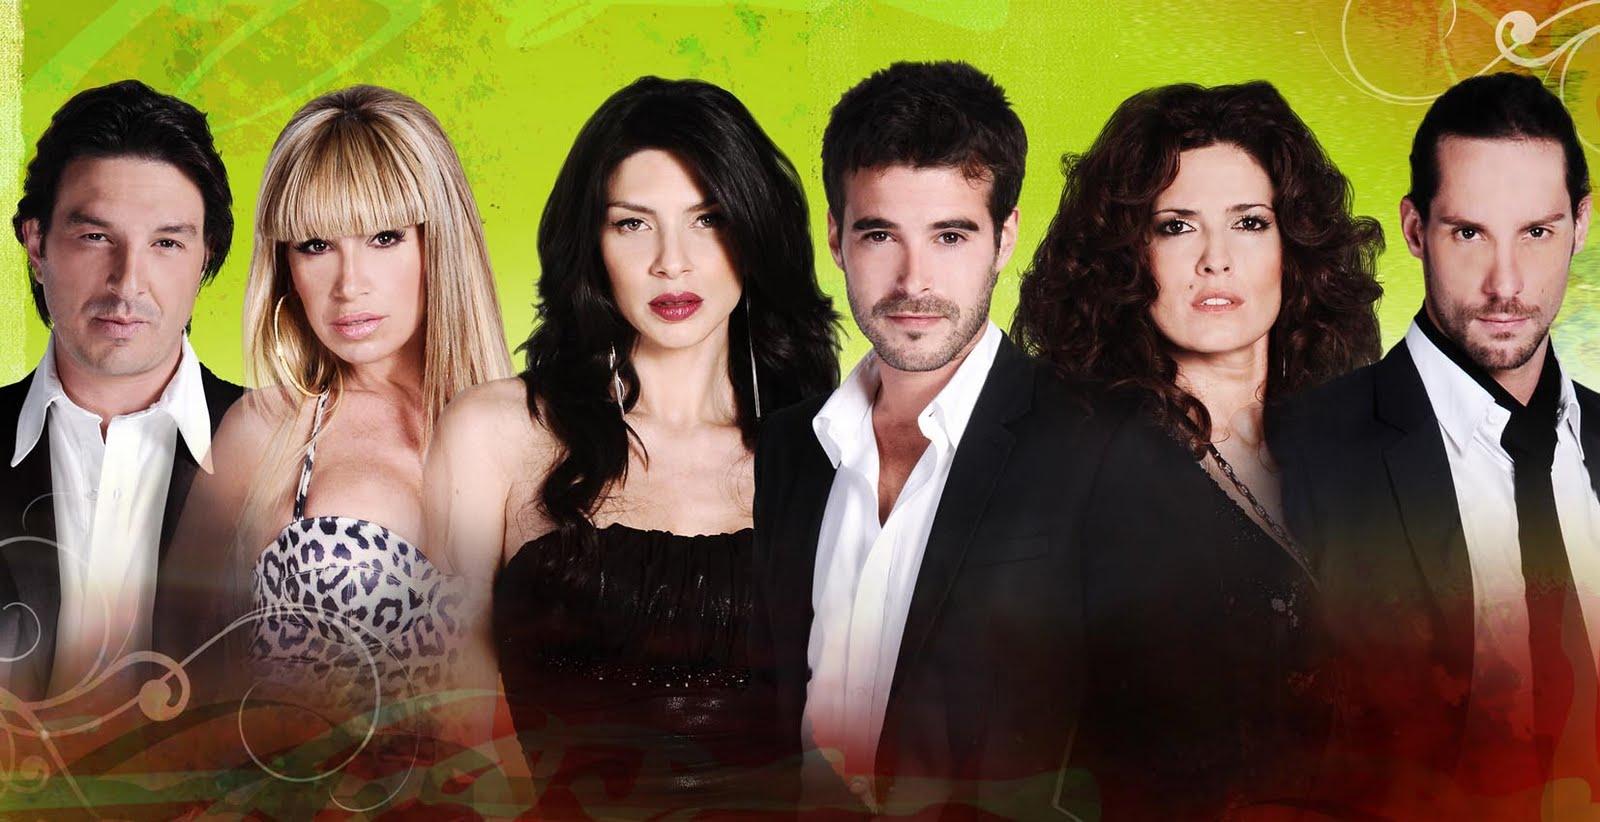 Univision Upfront 2014 Telenovelas - Latin Times